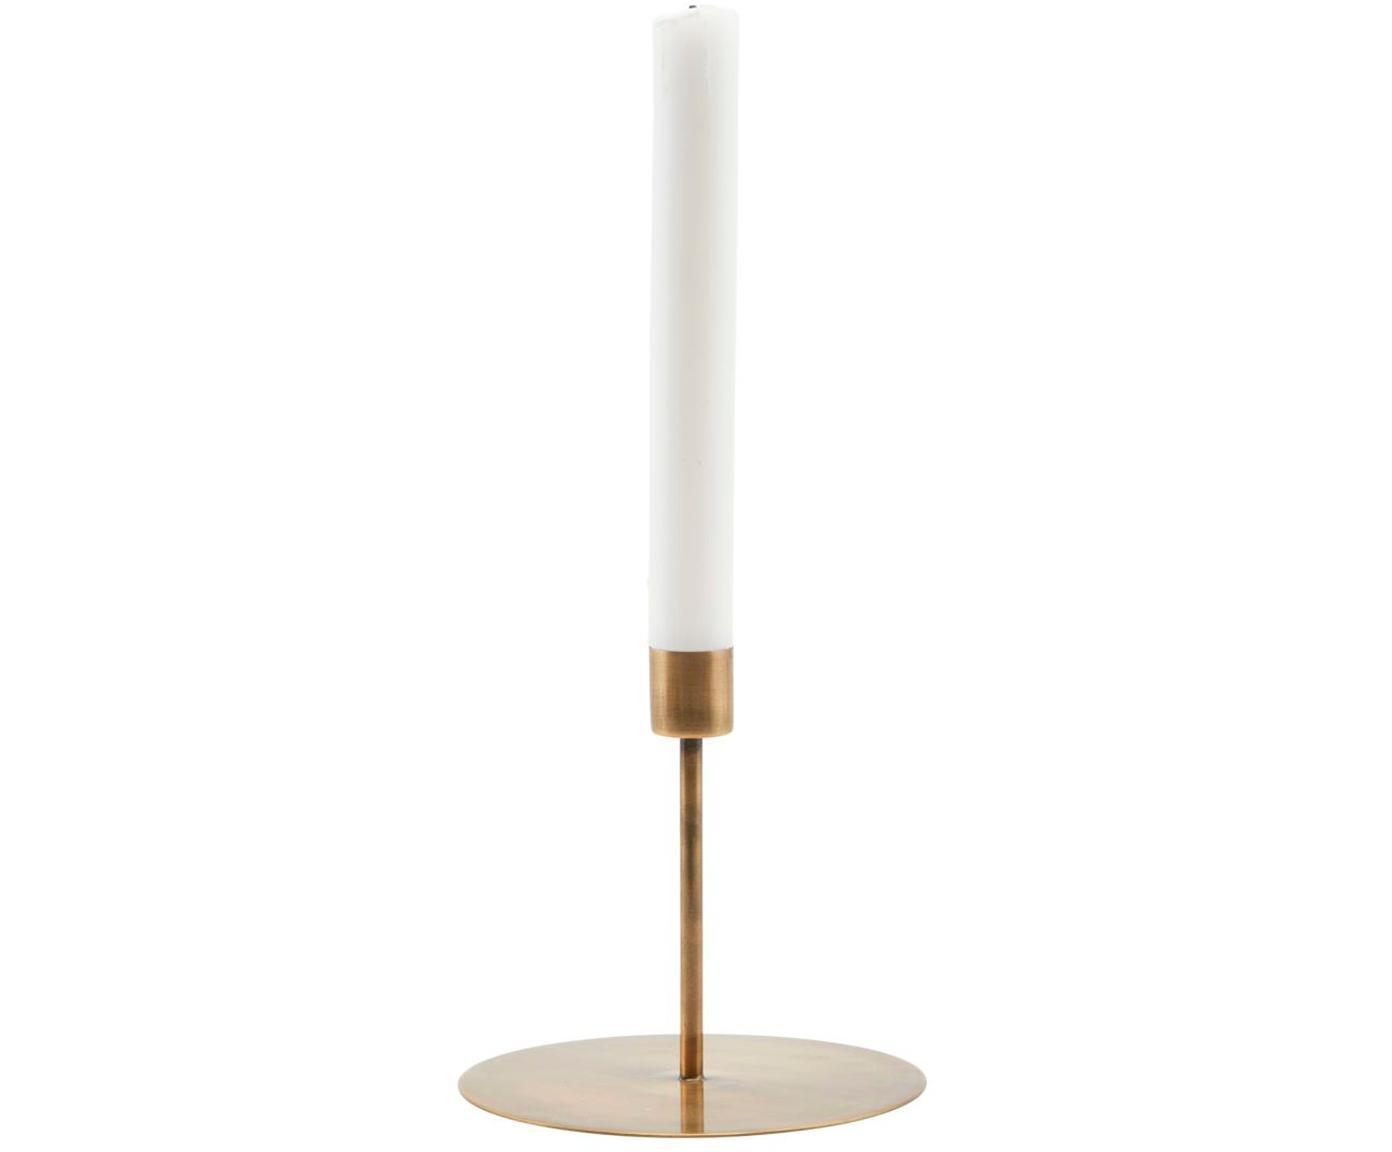 Kandelaar Anit, Gecoat metaal, Messingkleurig, Ø 13 x H 12 cm